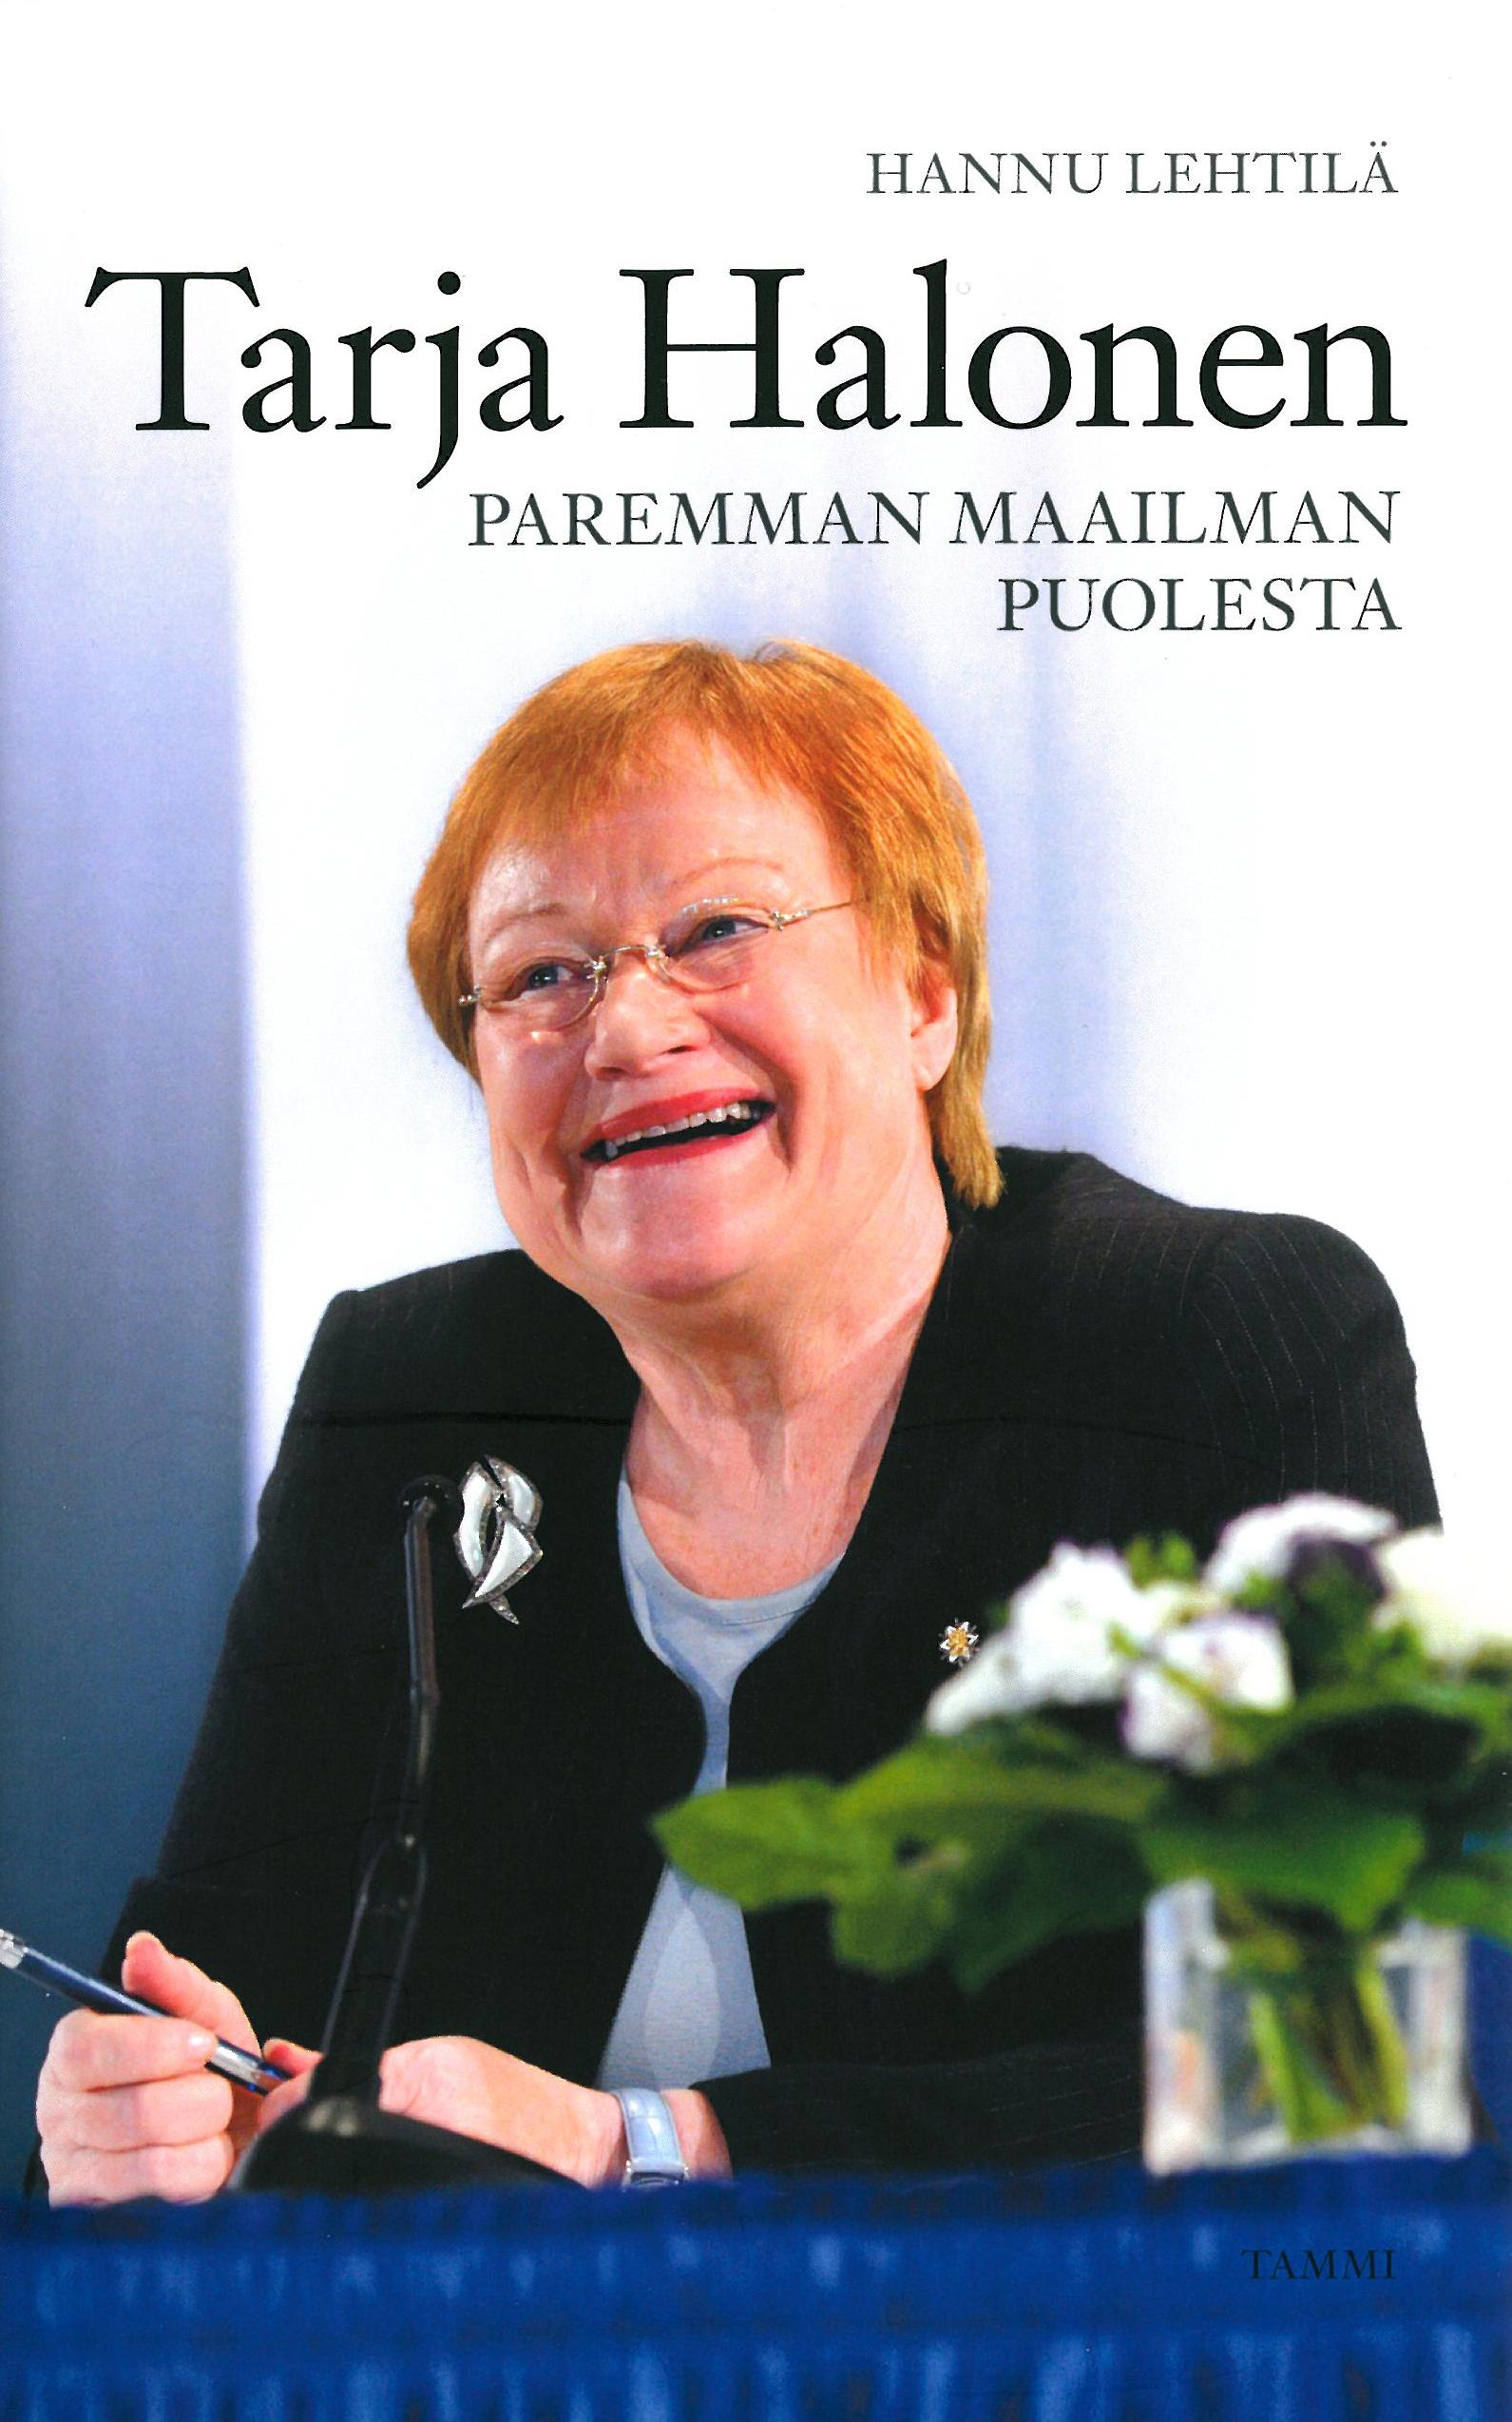 Hannu Lehtilä: Tarja Halonen – paremman maailman puolesta. Tammi 2012, 251 s.